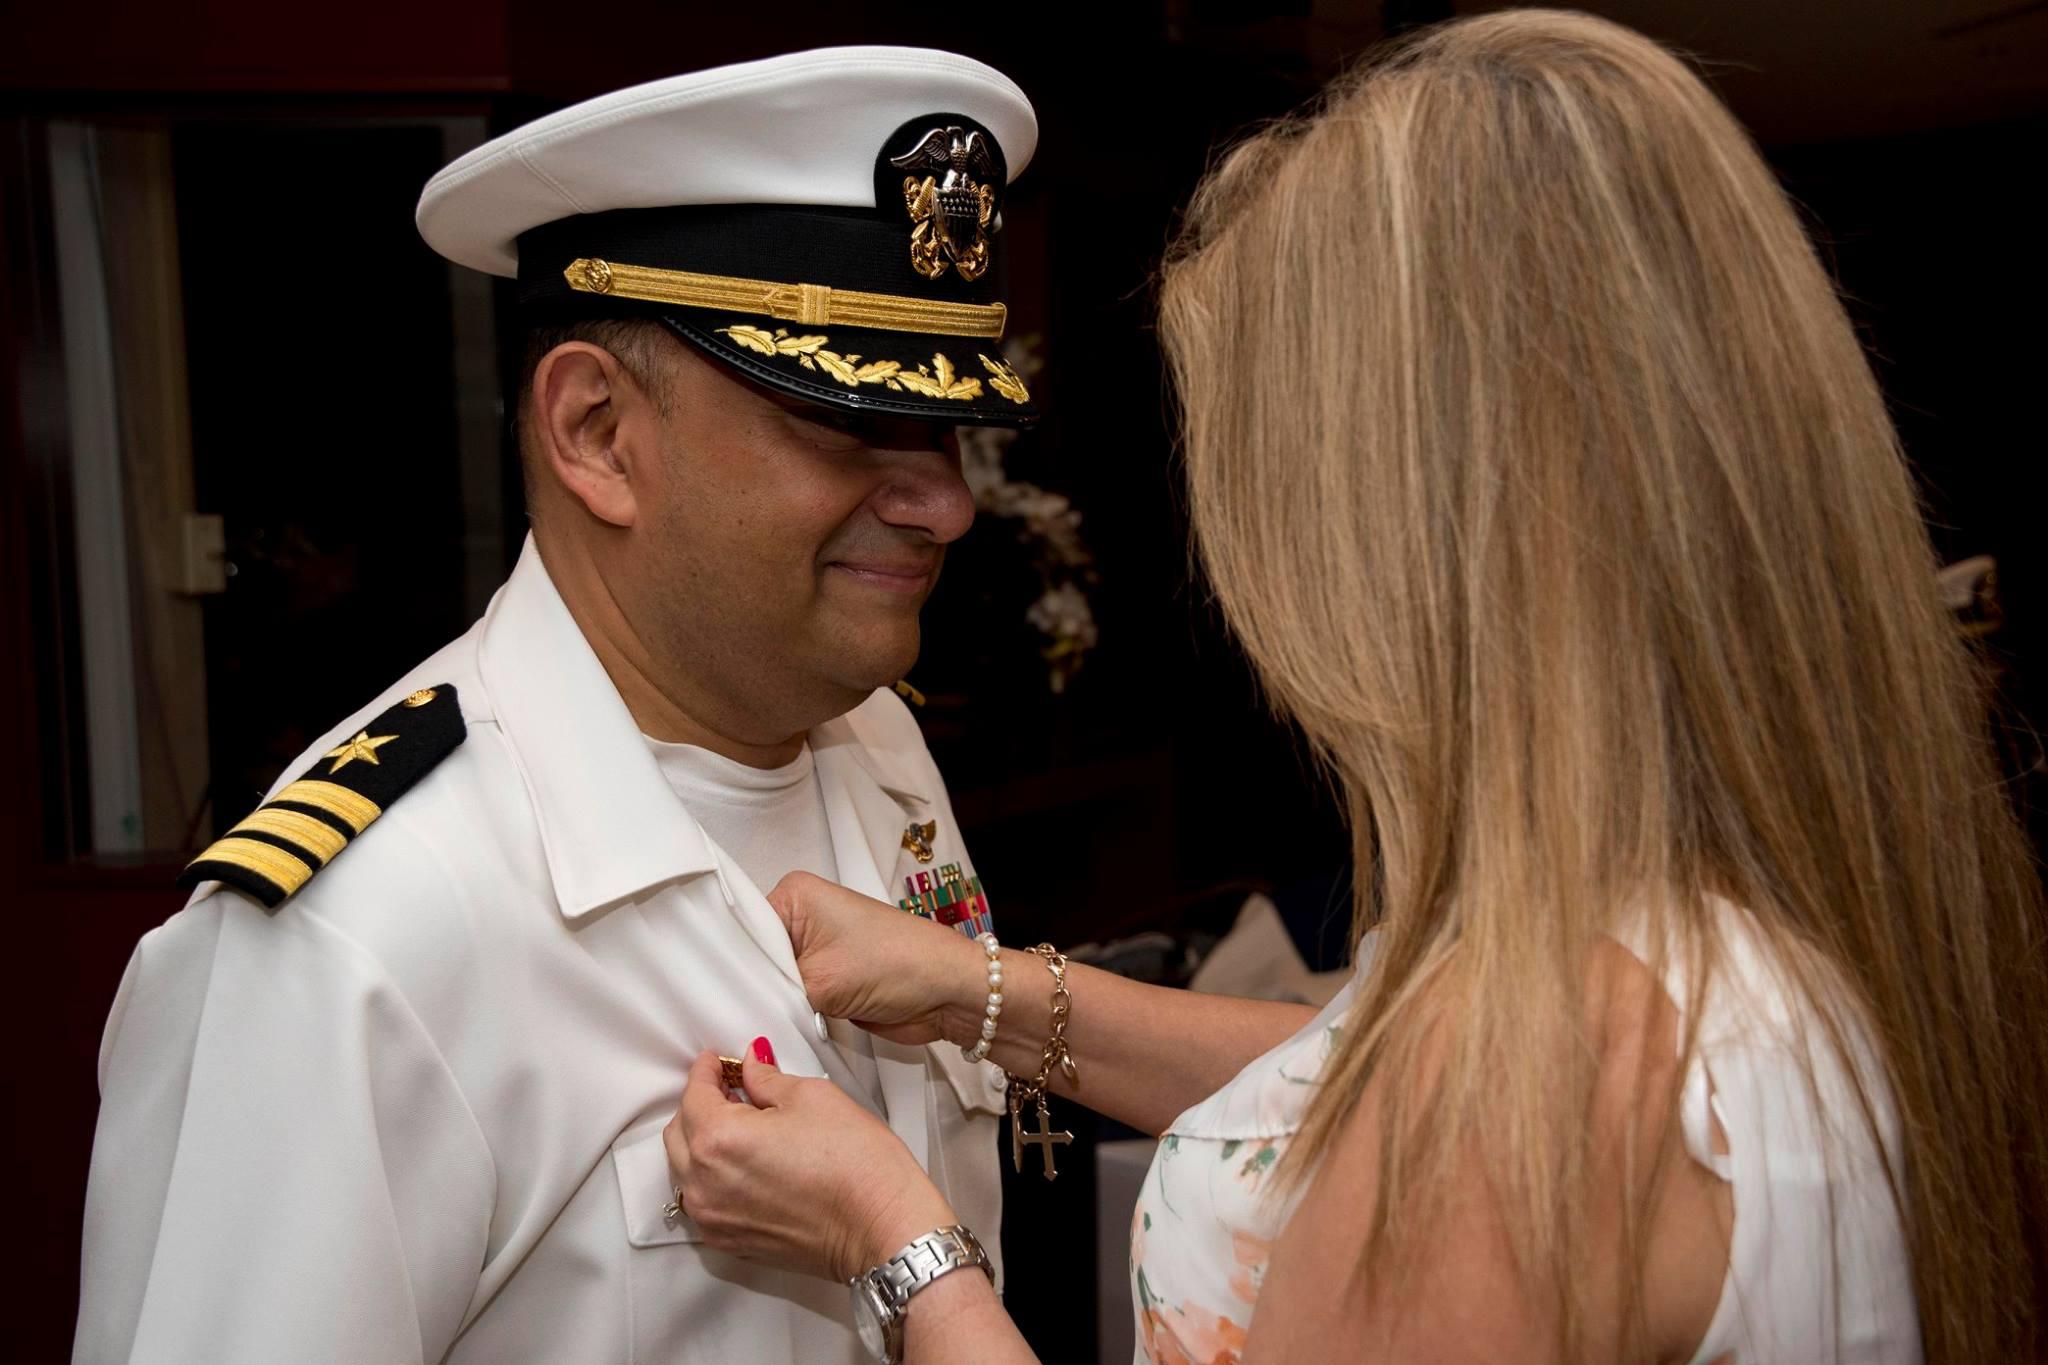 Navy Aviation Maintenance Duty Officer Amdo Association